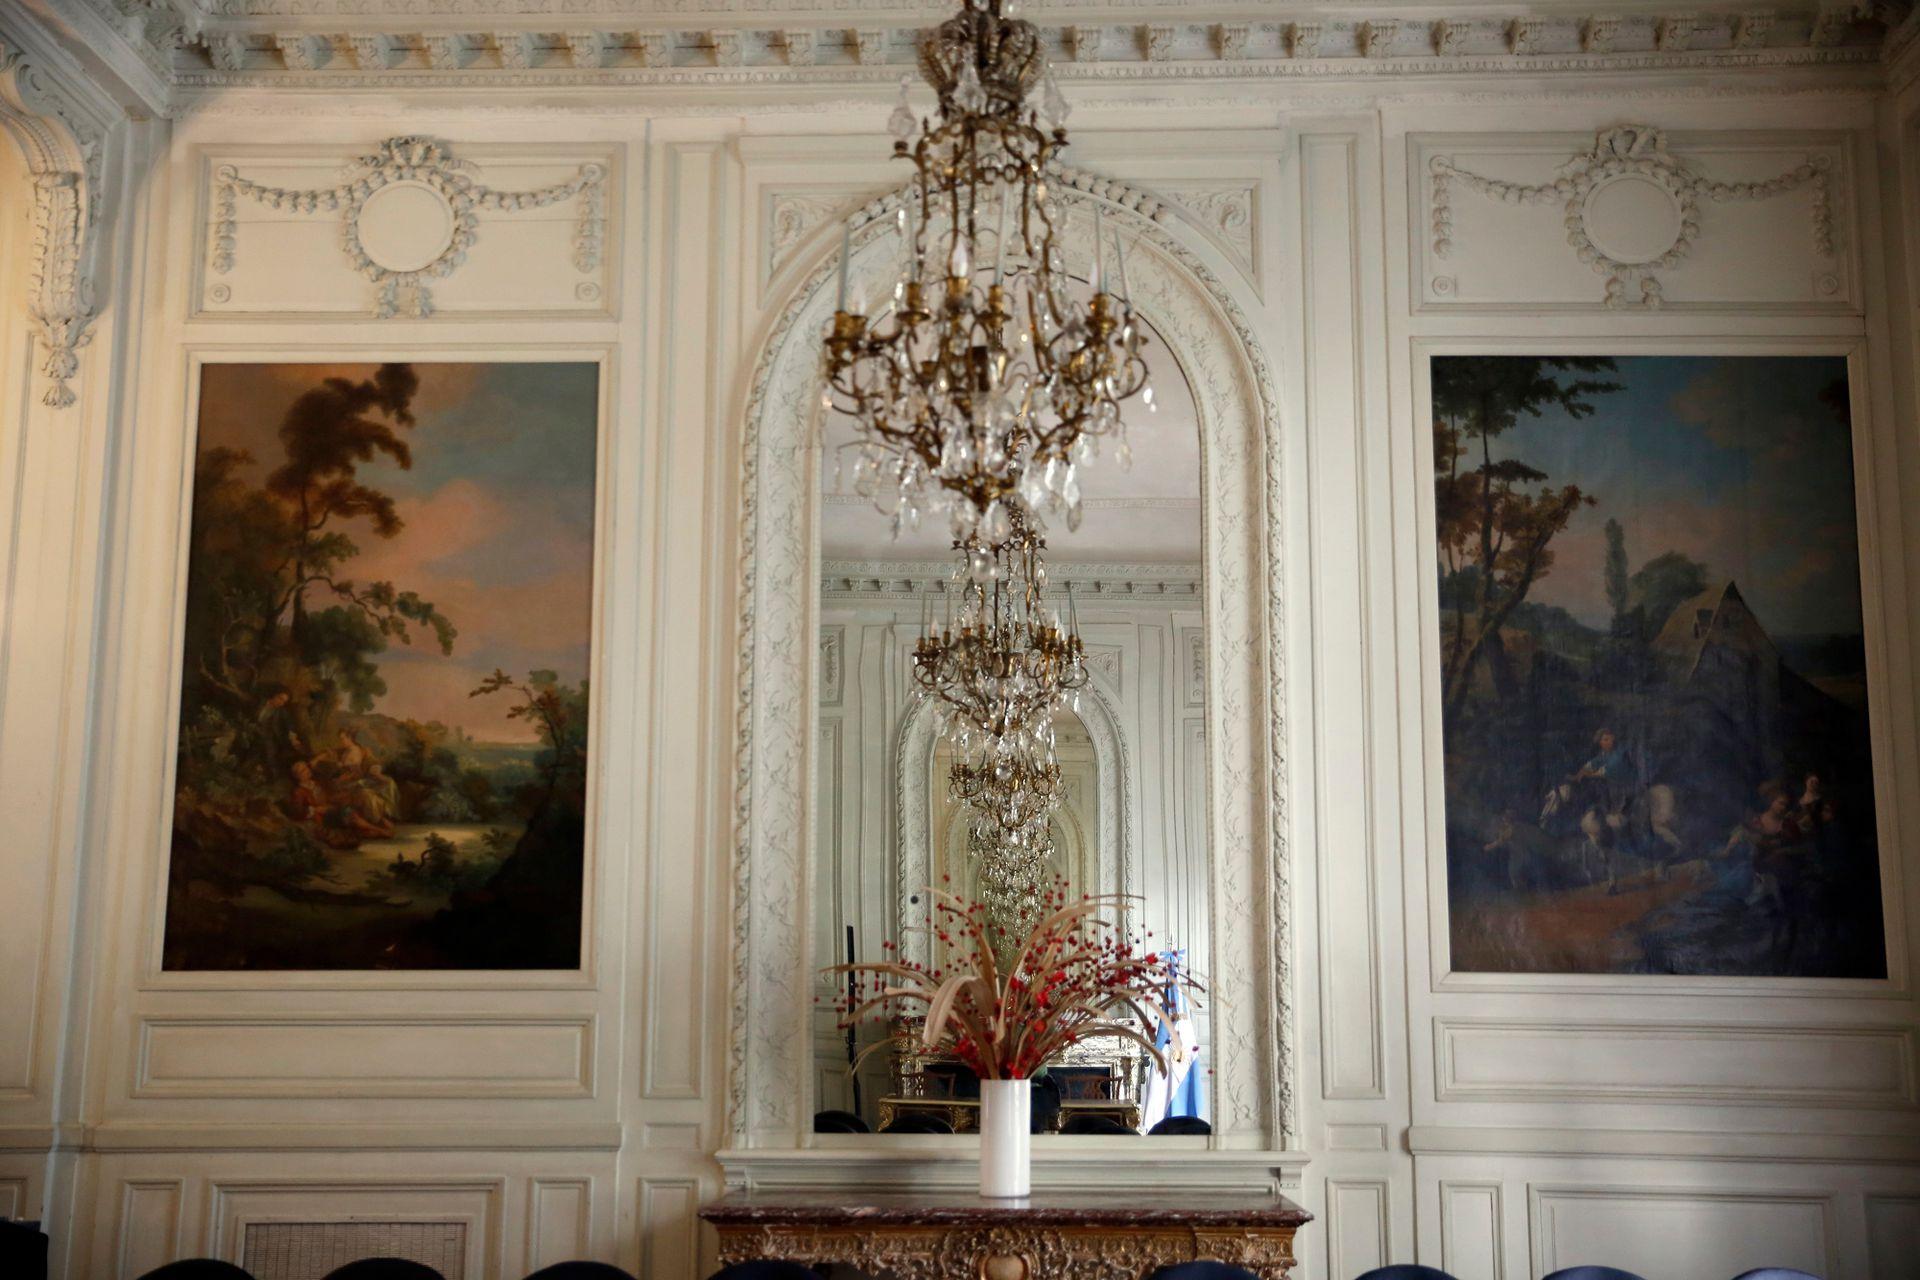 Grandes espejos y pinturas forman parte de la decoración de grandes salones